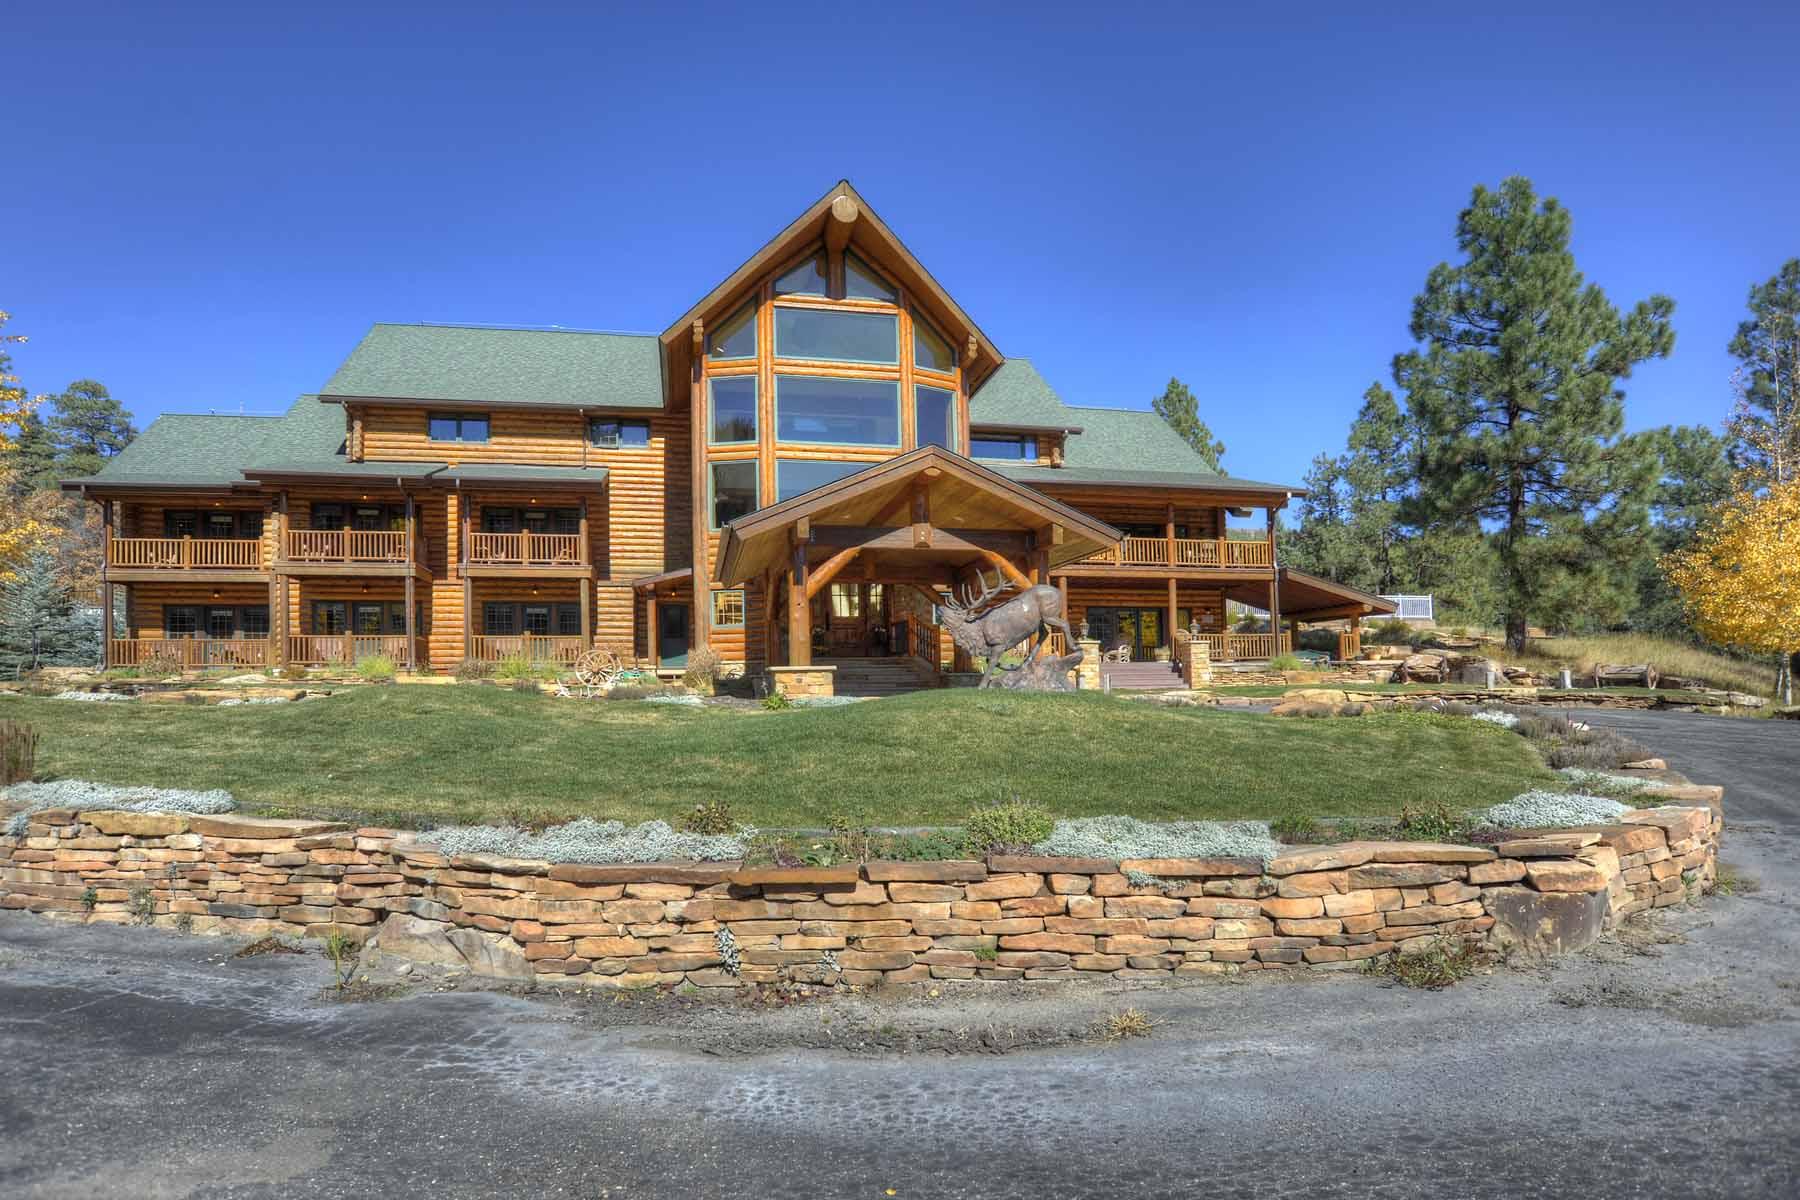 Casa Unifamiliar por un Venta en Retreat at Thunder Ridge 14688 CR 240 Durango, Colorado 81301 Estados Unidos